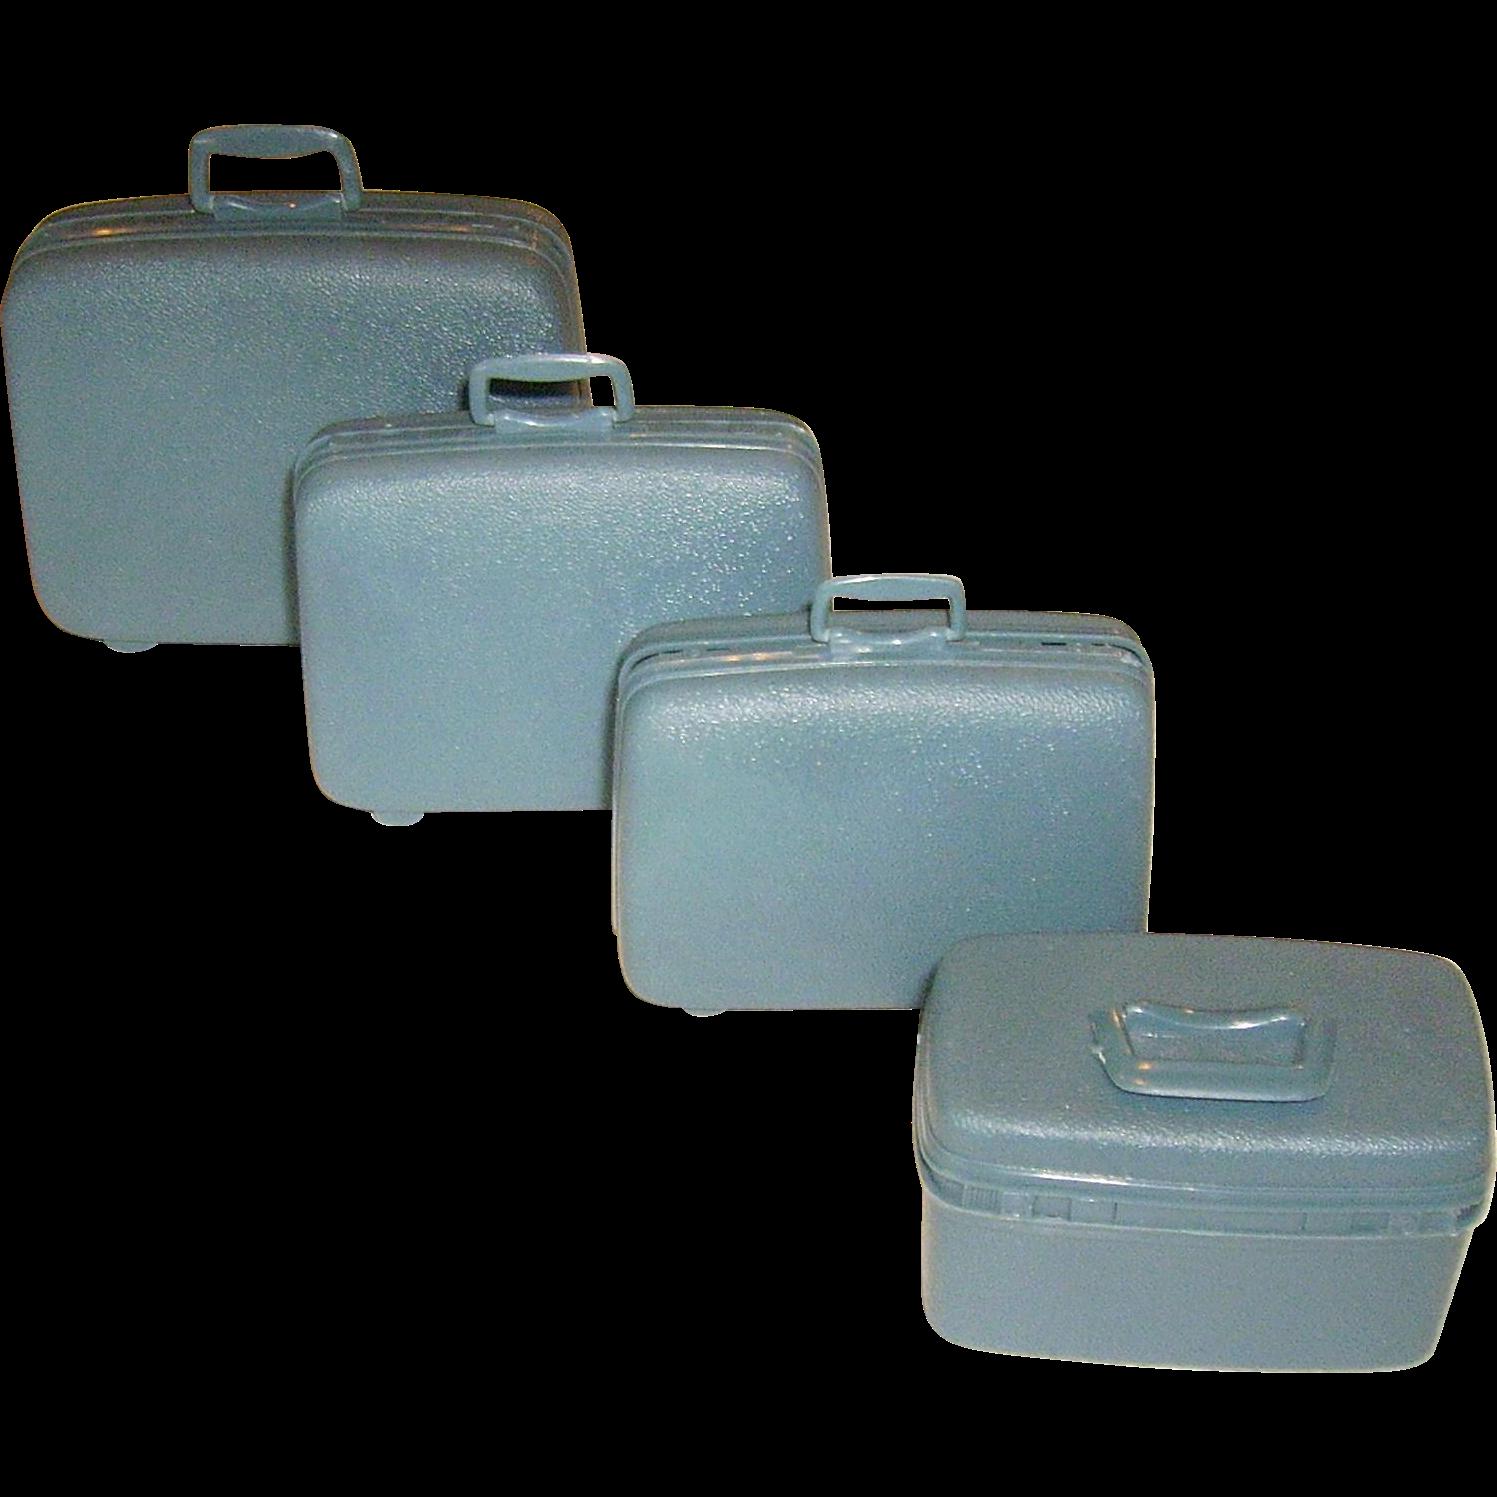 Vintage Luggage Set 5